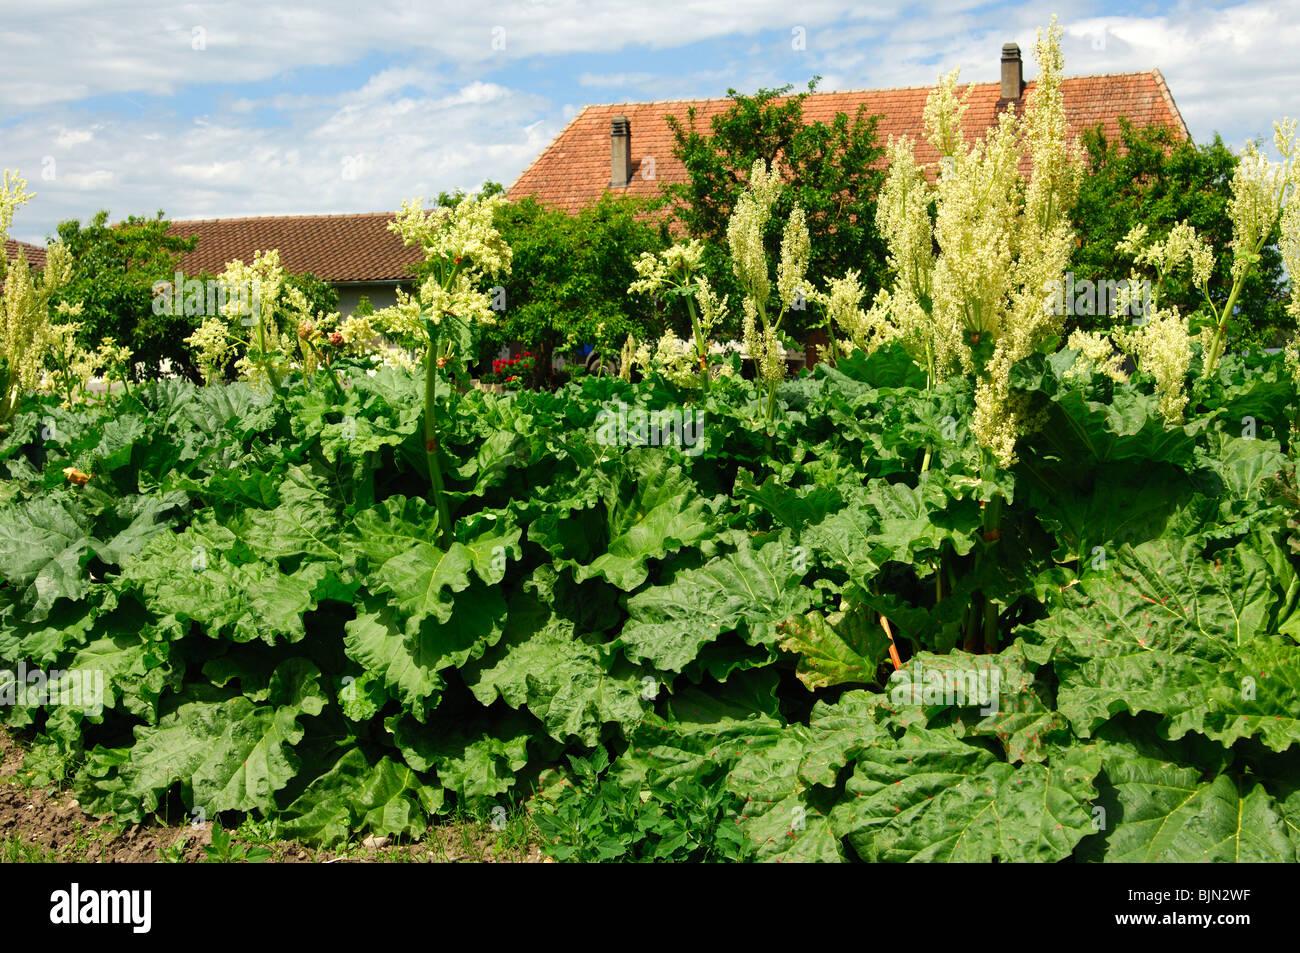 Flowering Rhubarb, Rheum rhabarbarum - Stock Image